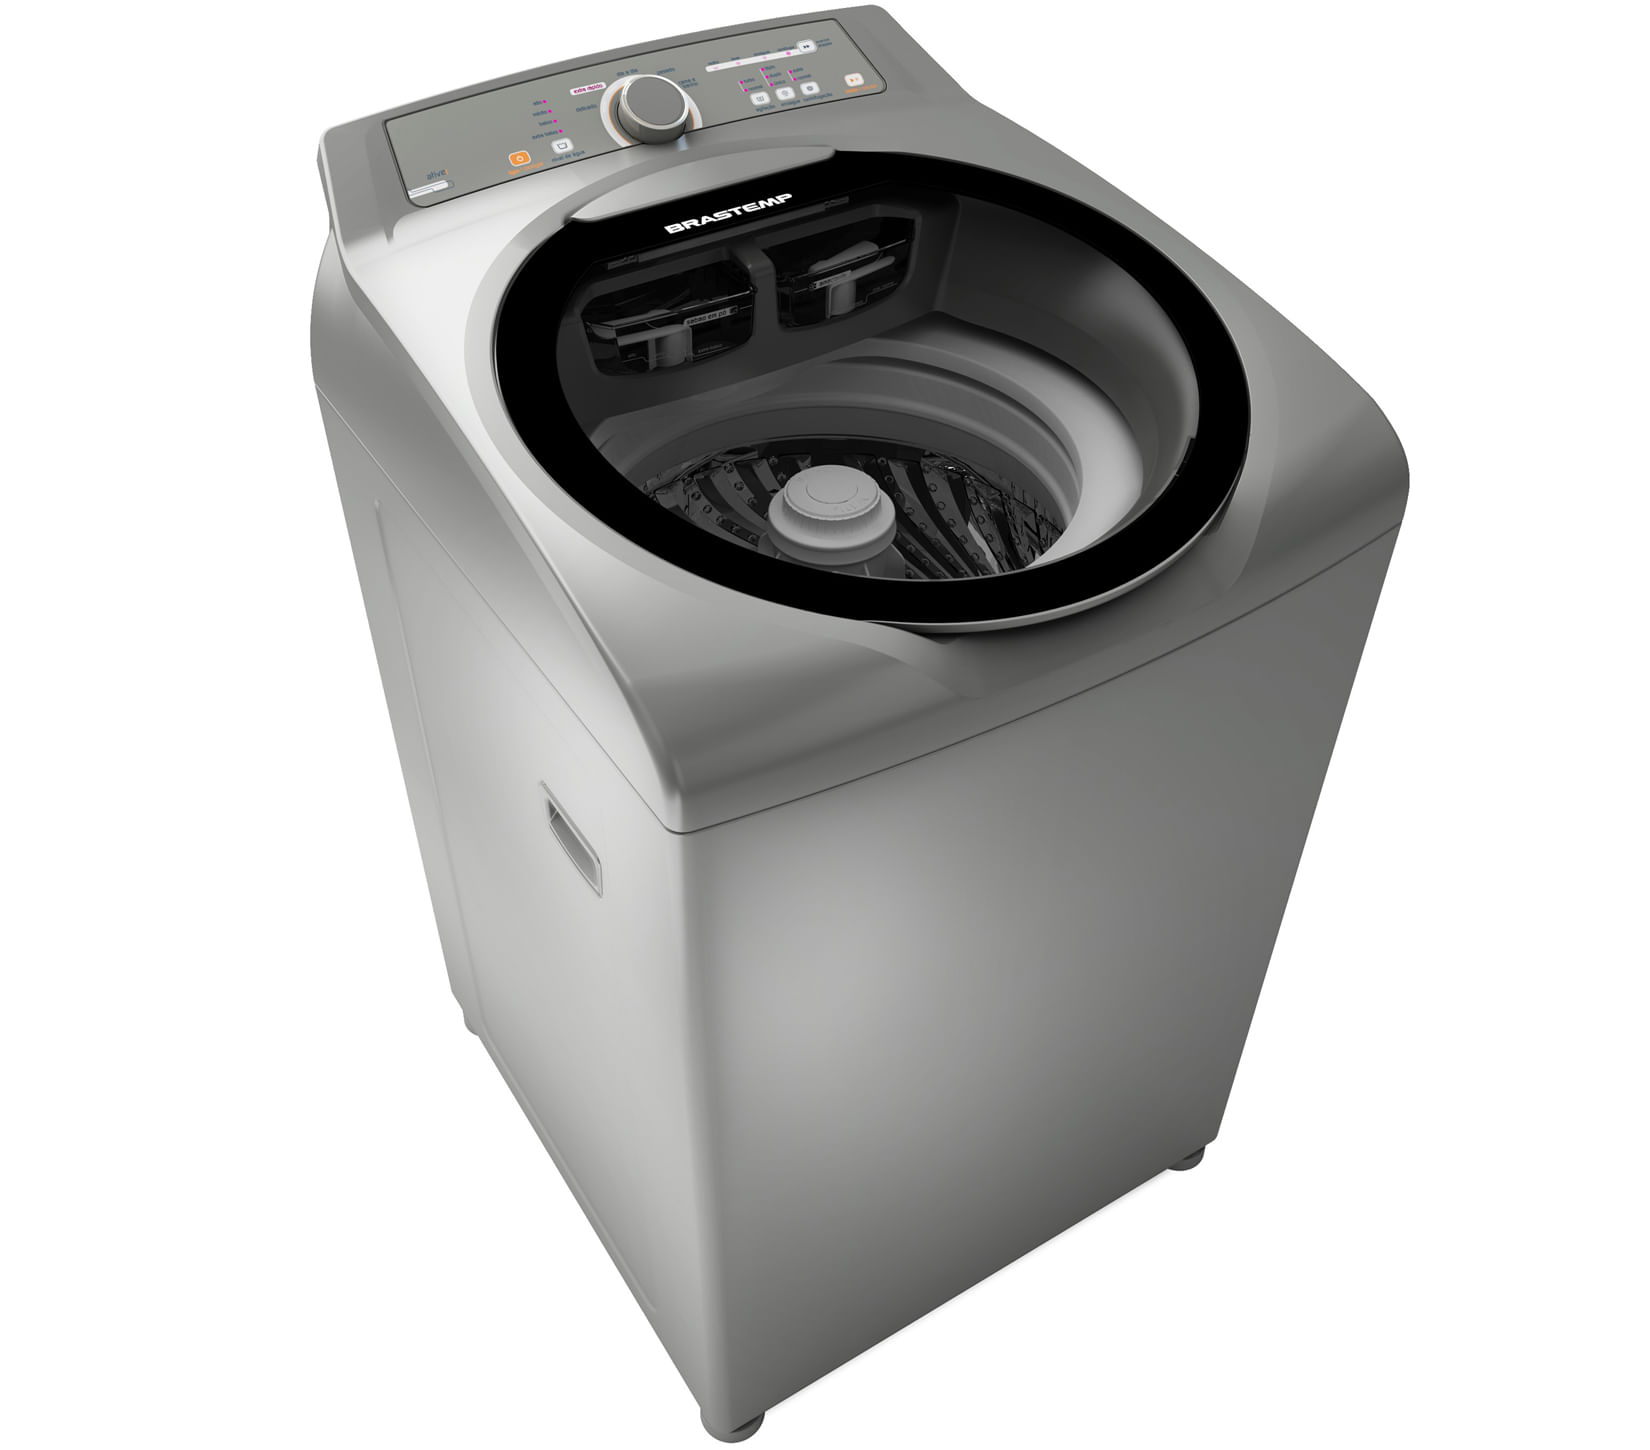 Máquina de Lavar Brastemp 11kg cor Inox com sistema Fast Cycle e função Extra Seca